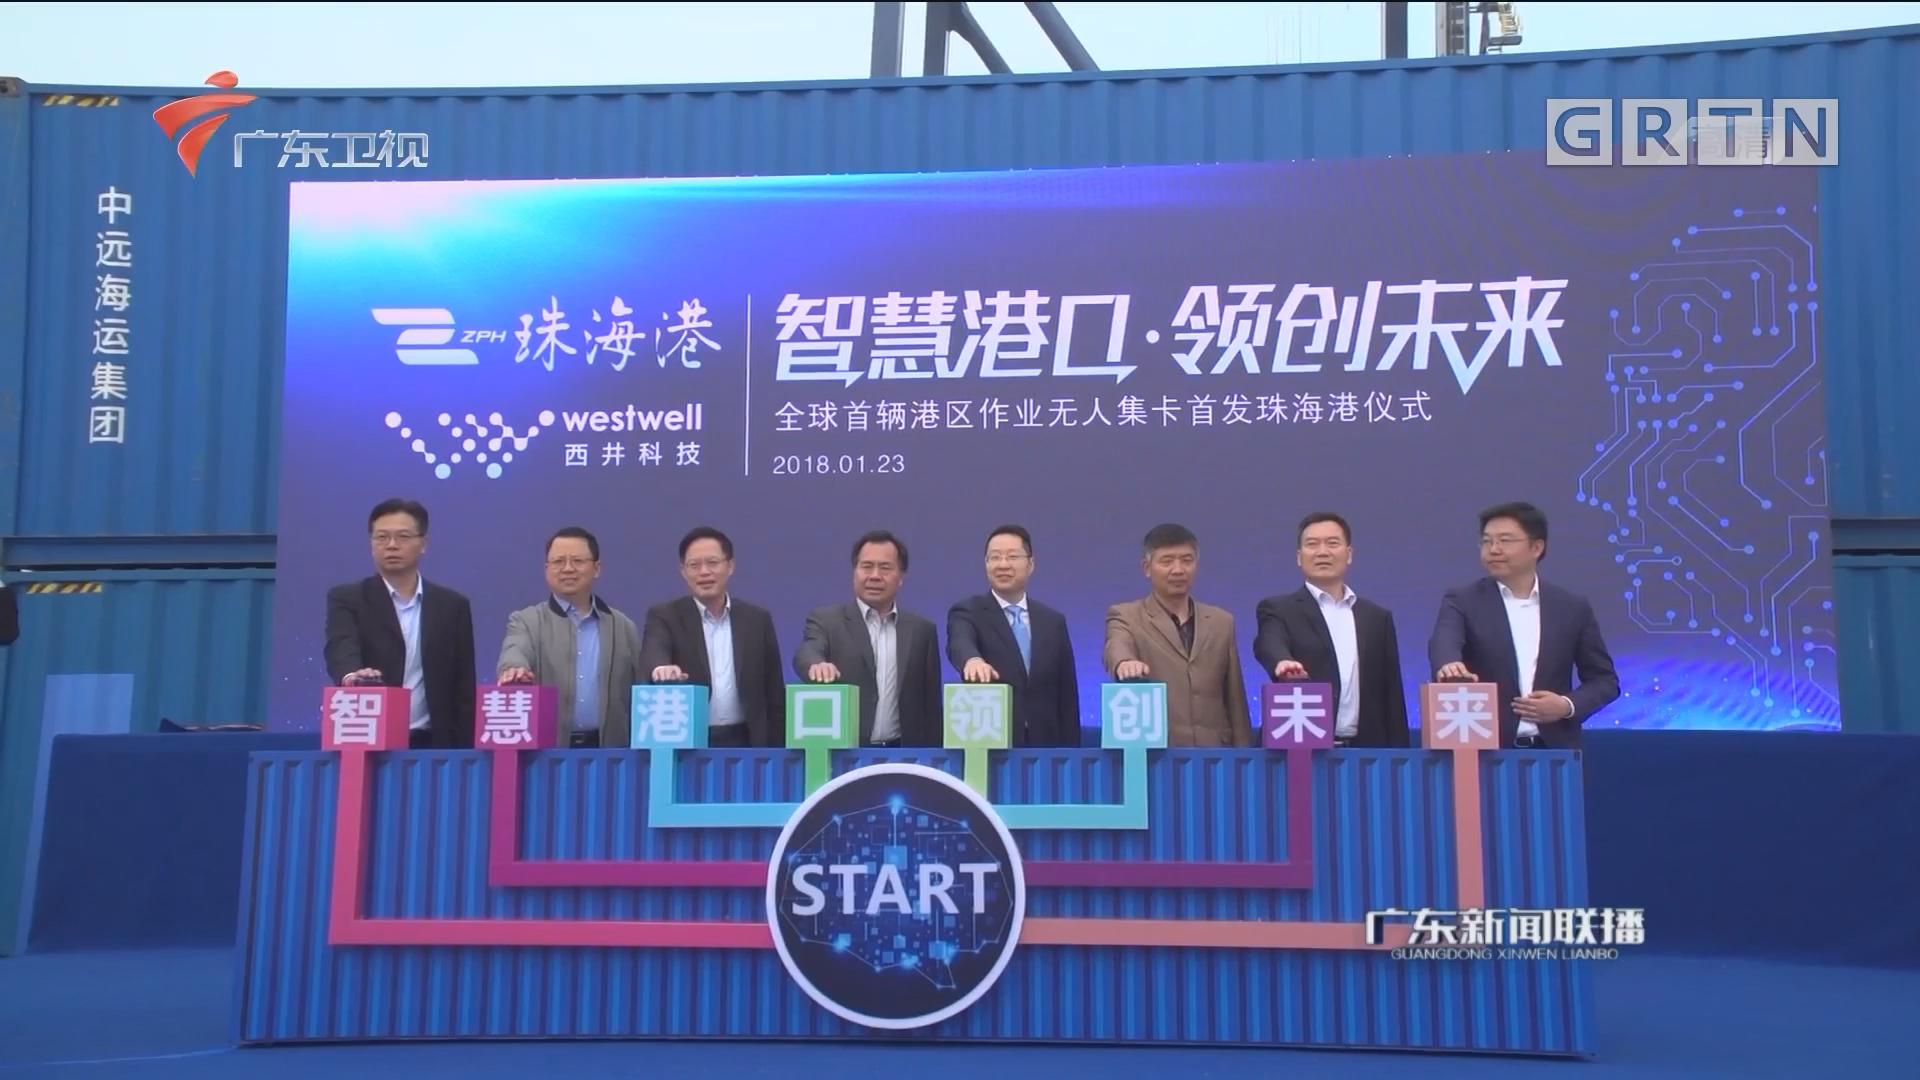 广东:开启智慧港口建设发展新征程